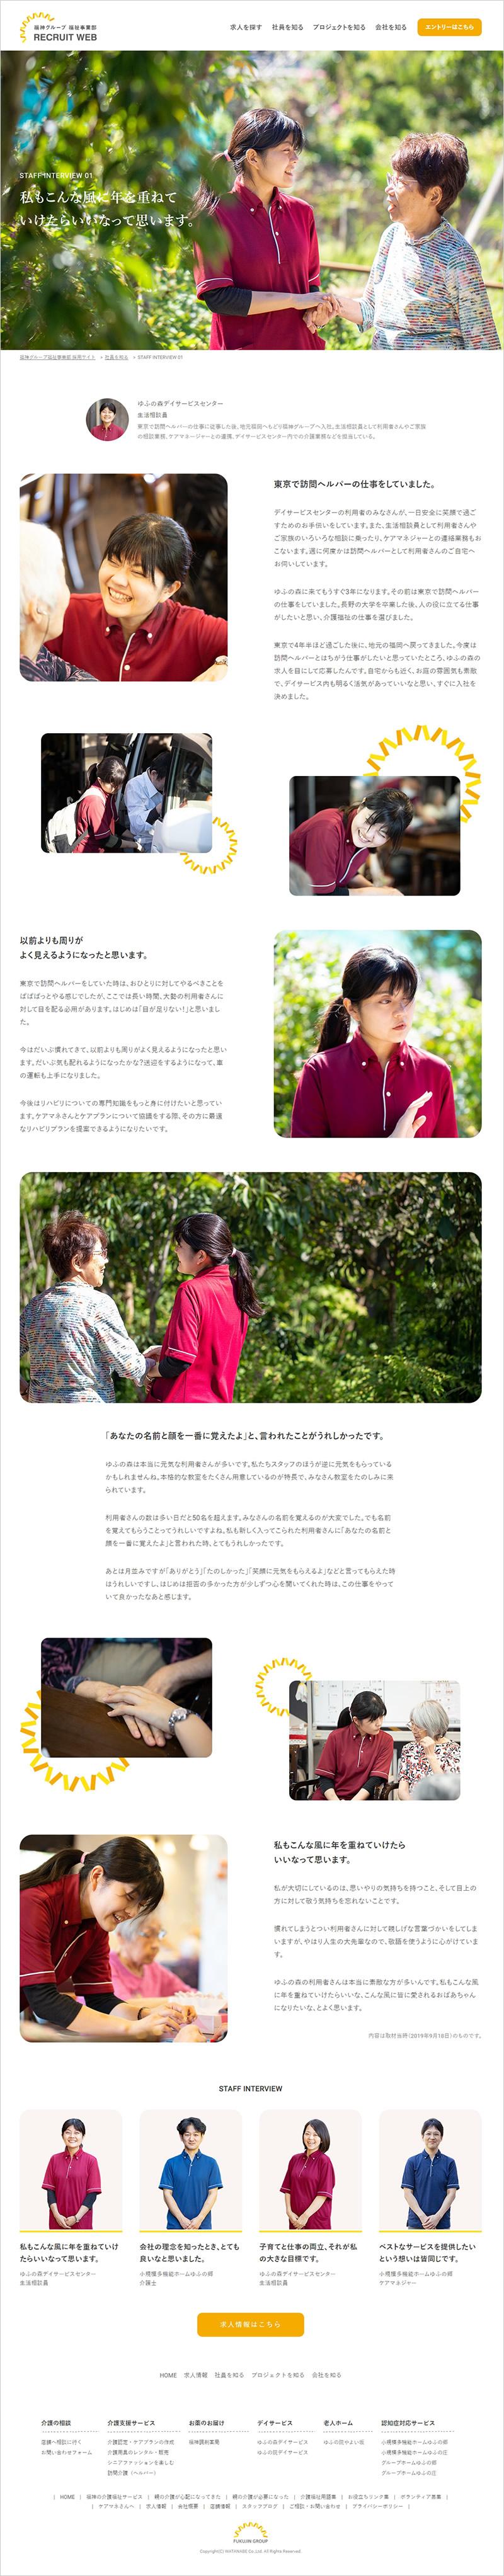 株式会社ワタナベ福祉事業部さま採用サイト